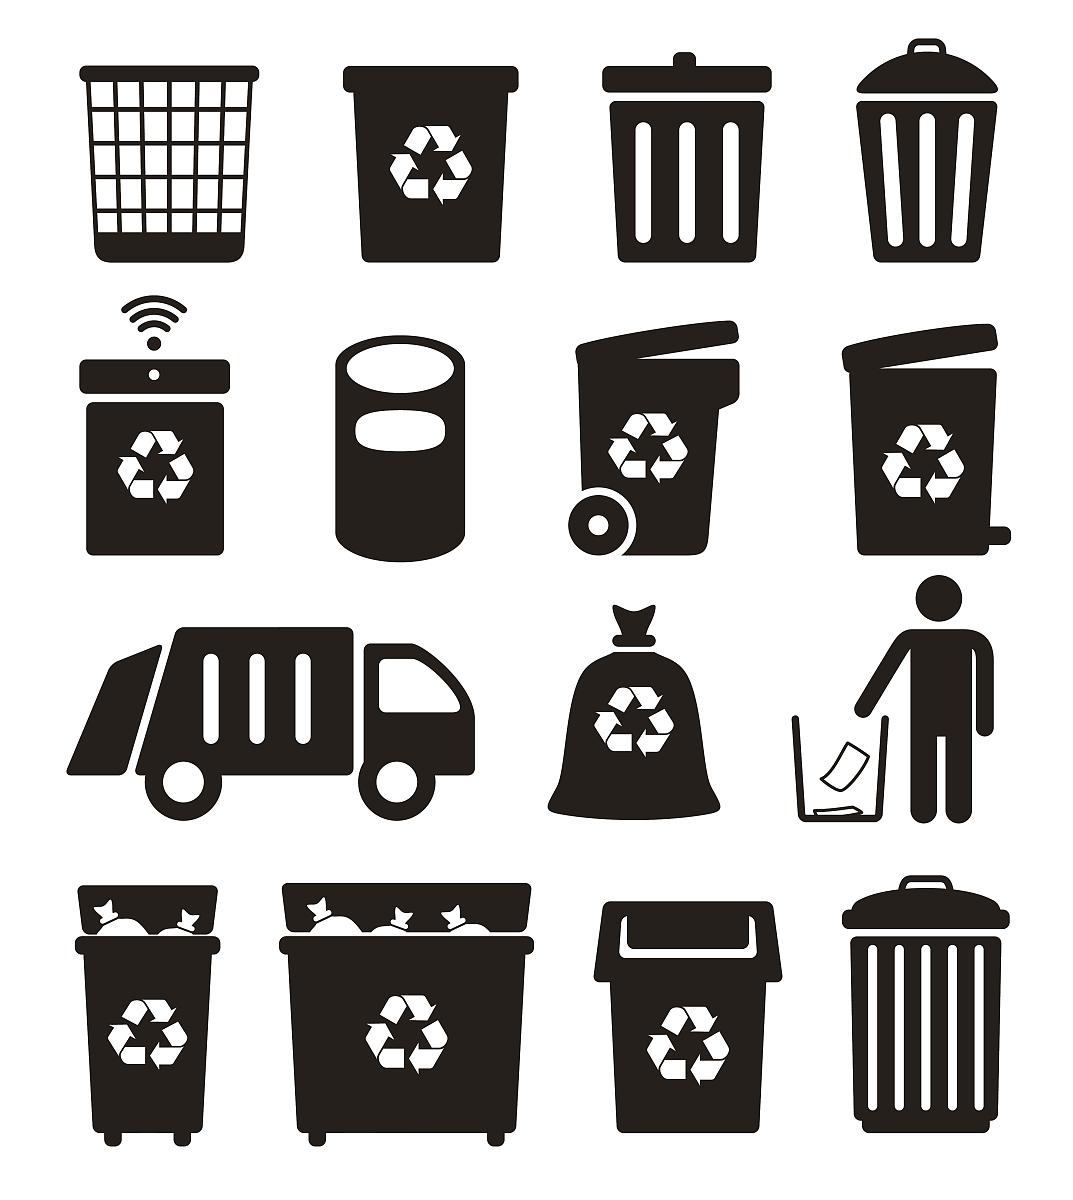 罐子,垂直画幅,社会问题,设计,计算机图标,陆用车,茶水间,垃圾桶,矢量图片